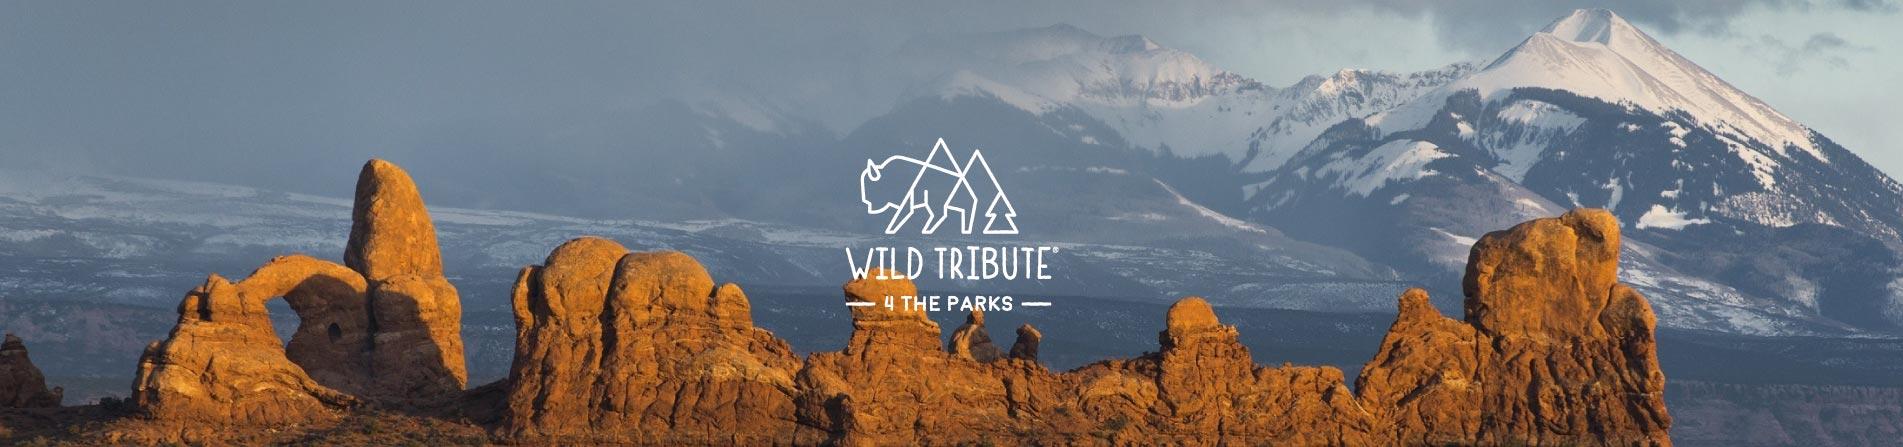 wild-tribute-brand-banner-v1r0.jpg